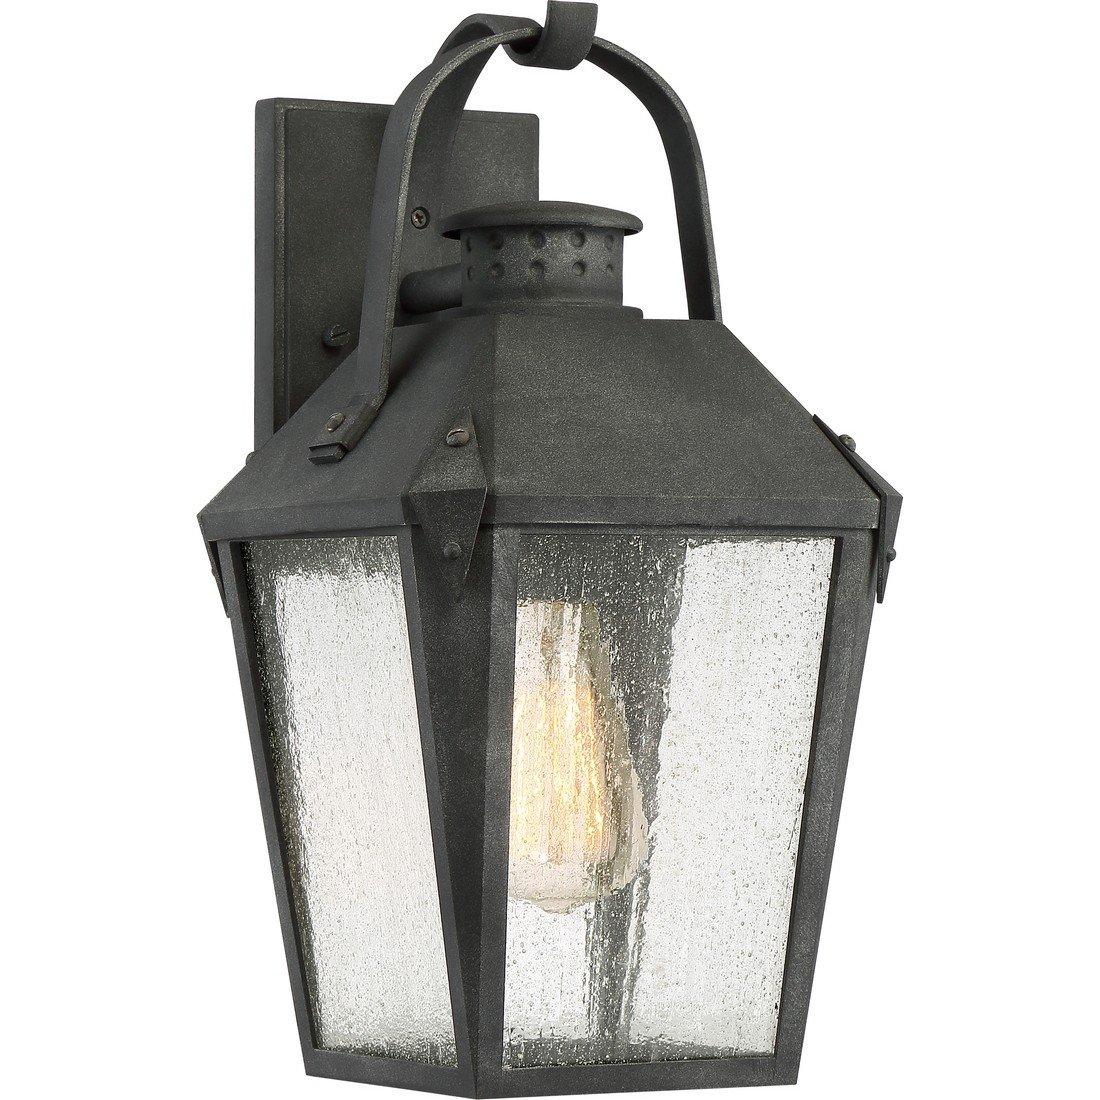 Quoizel One Light Outdoor Wall Lantern CRG8408MB, Medium, Mottled Black